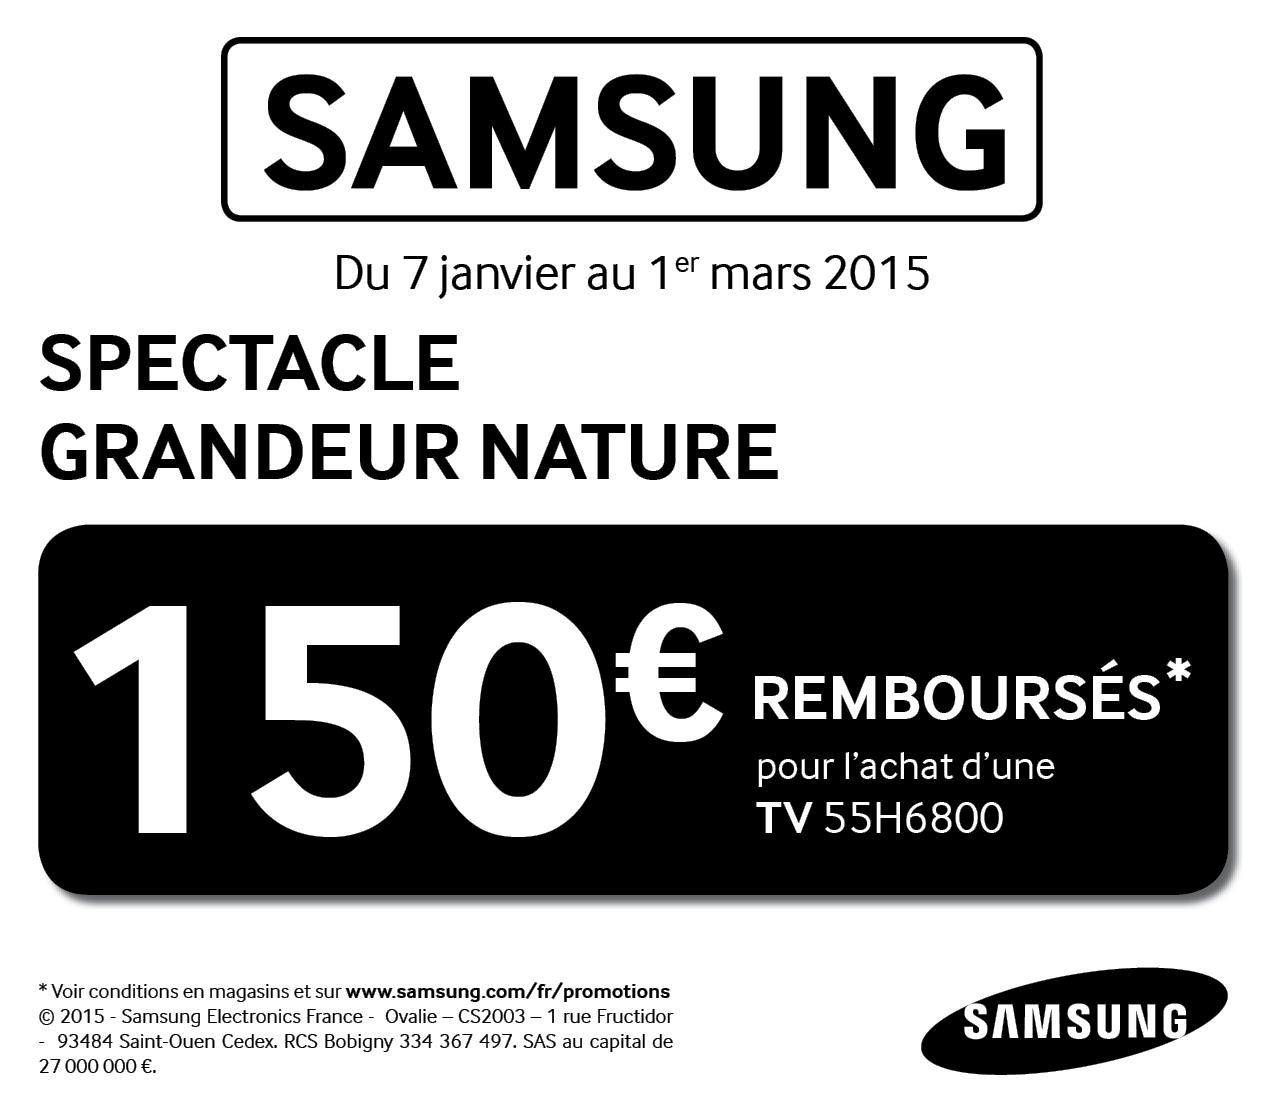 Conditions de l'offre de remboursement Samsung